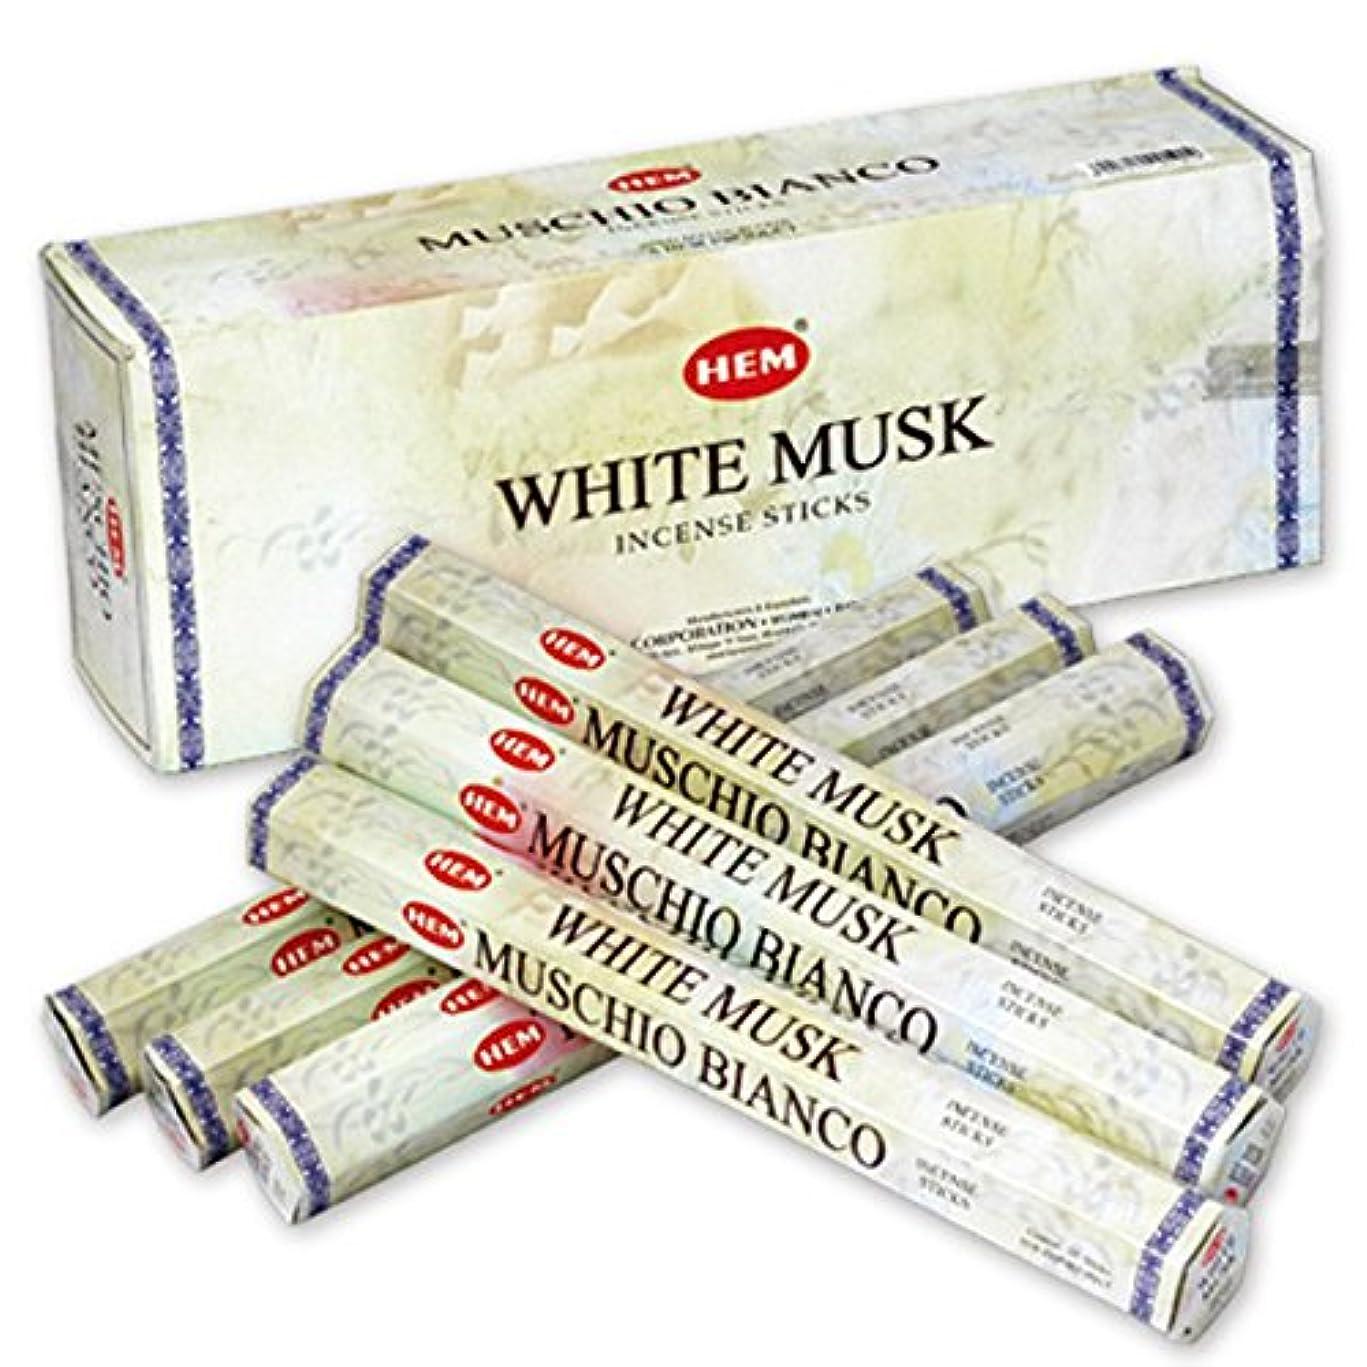 出しますカポック植生HEM(ヘム) ホワイト?ムスク WHITE-MUSK スティックタイプ お香 6筒 セット [並行輸入品]